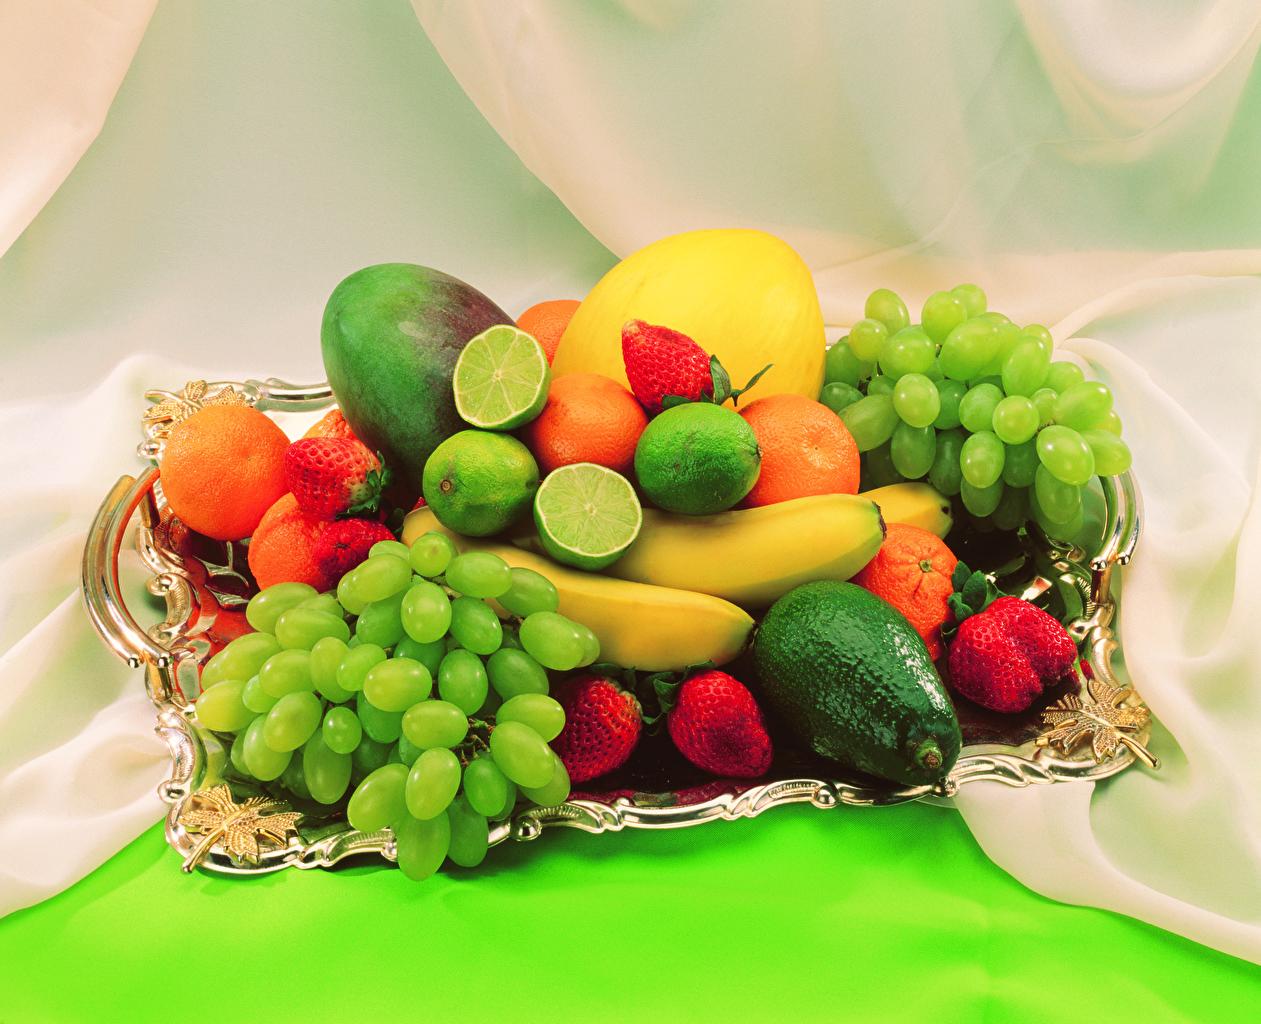 Картинки Авокадо Клубника Виноград Еда Фрукты Пища Продукты питания